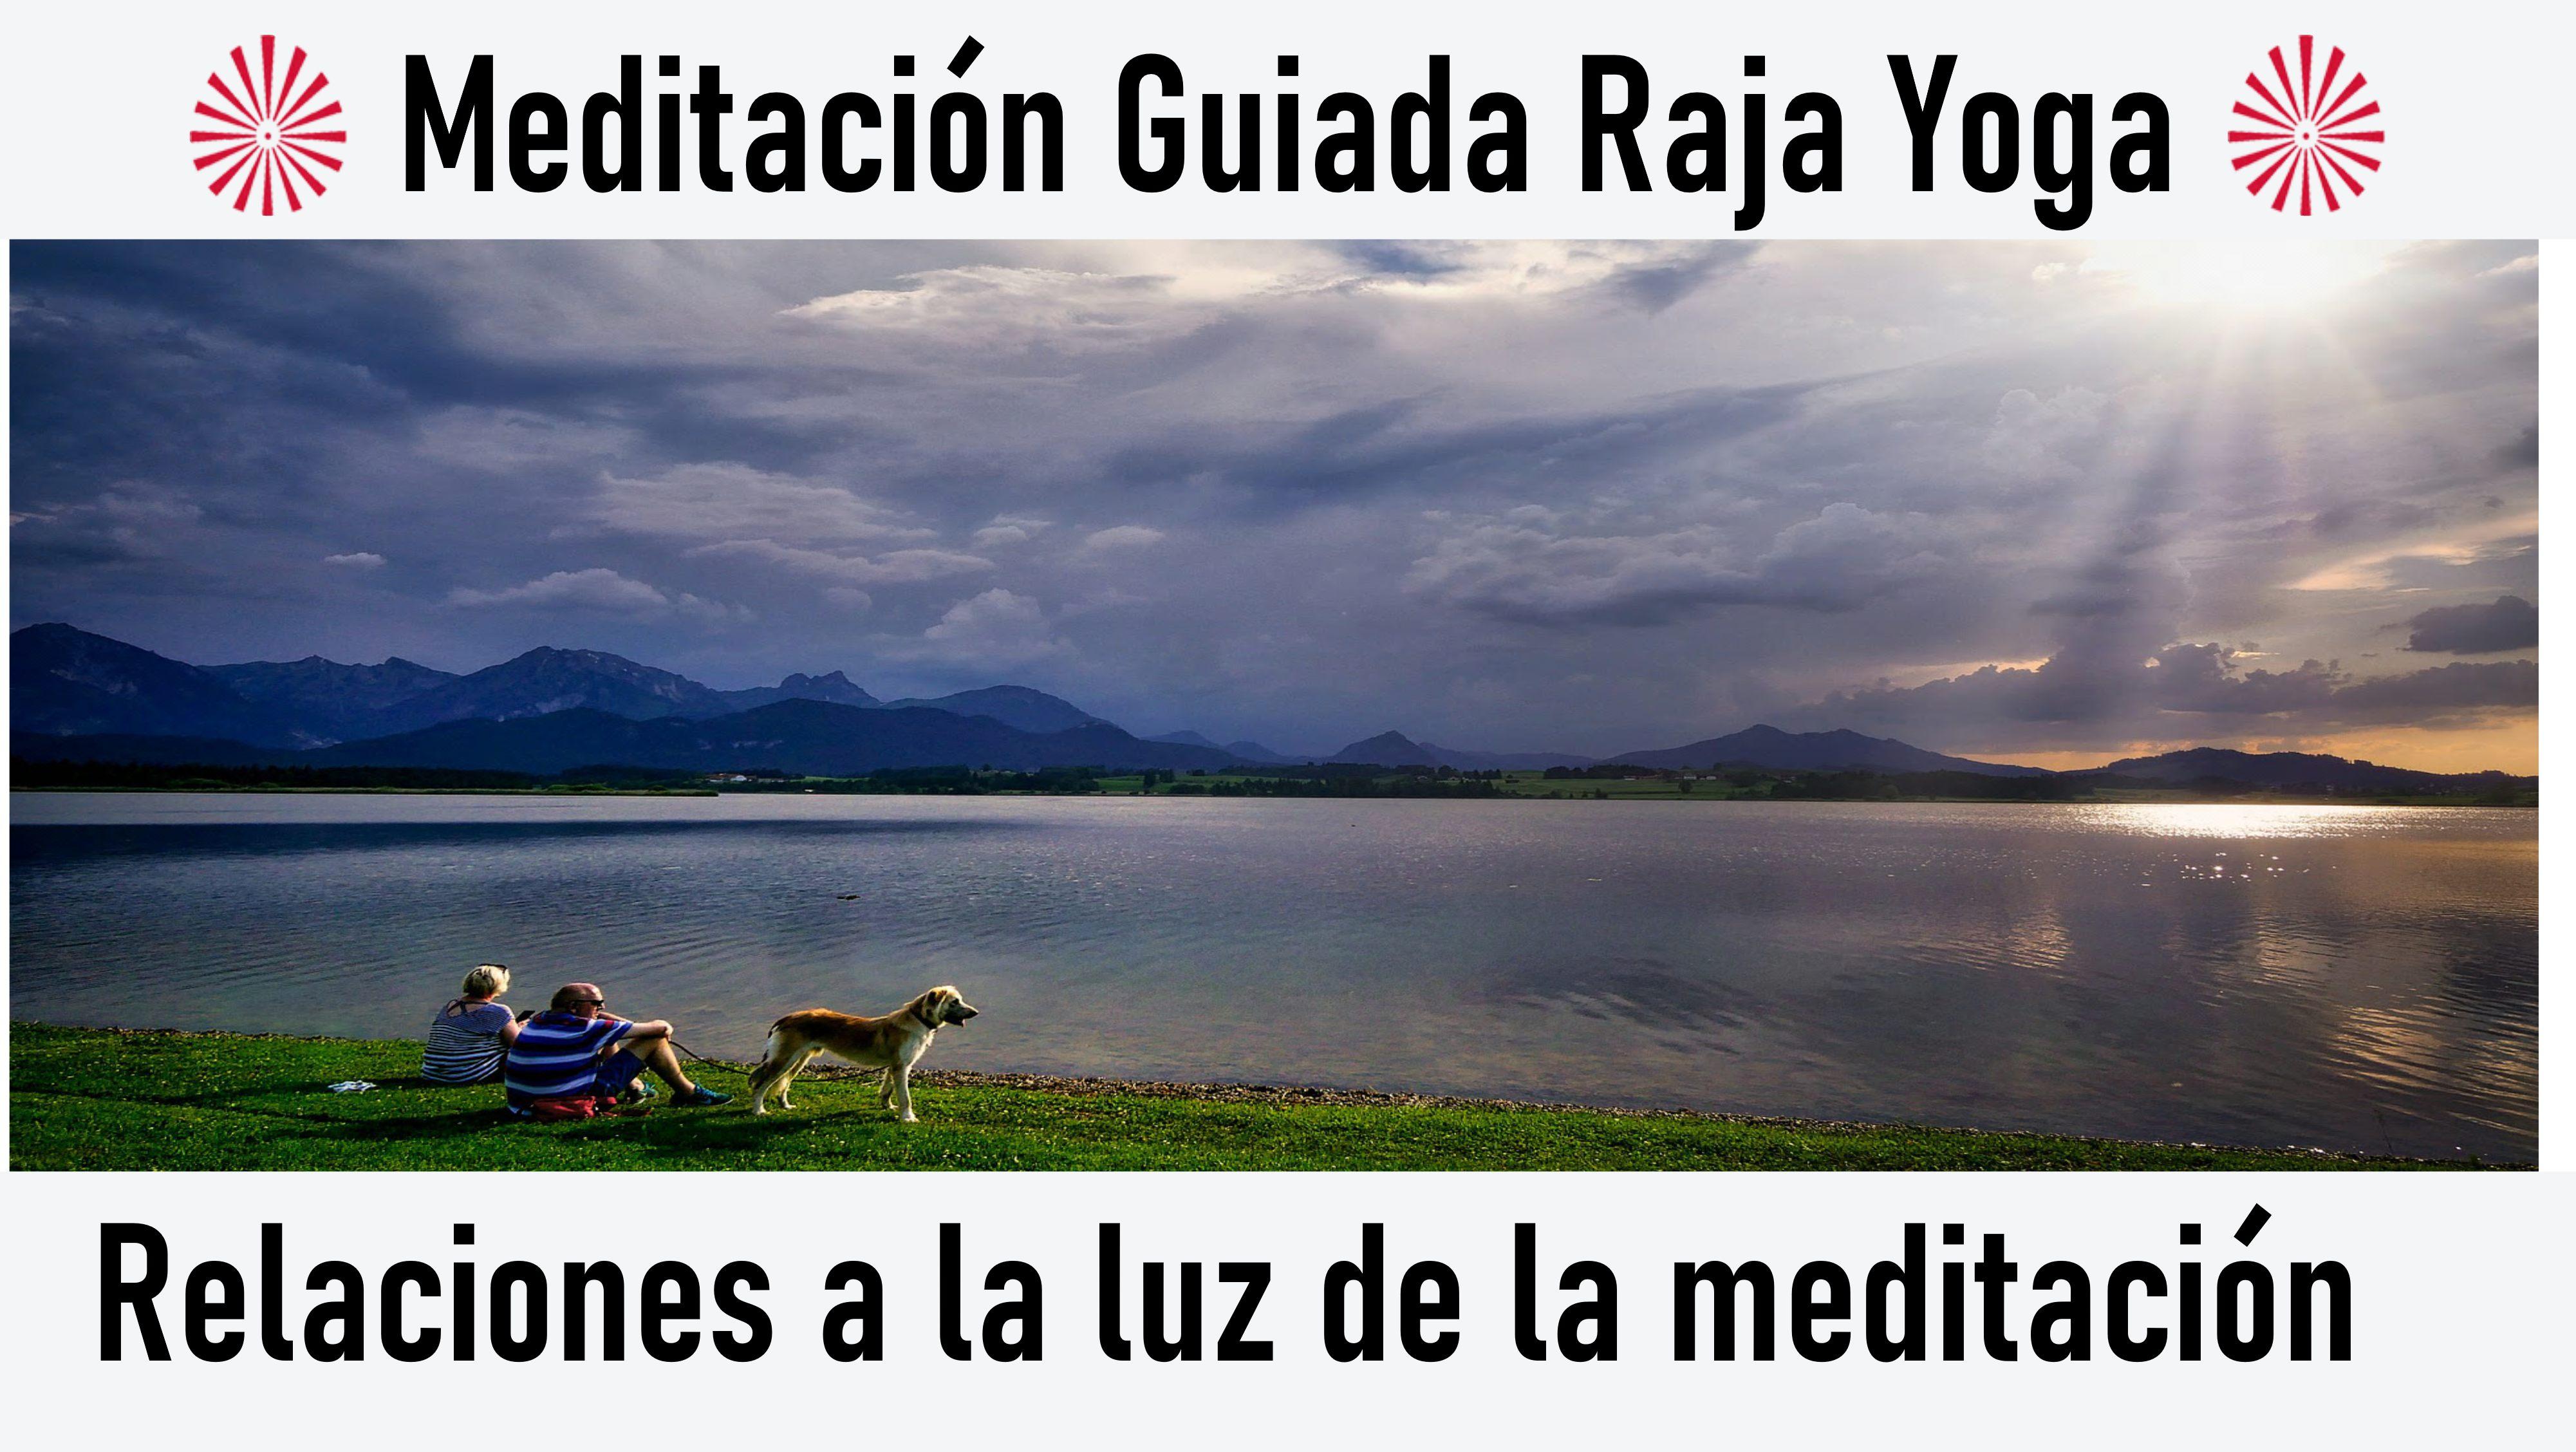 6 Julio 2020 Meditación Guiada; Relaciones a la luz de la meditación